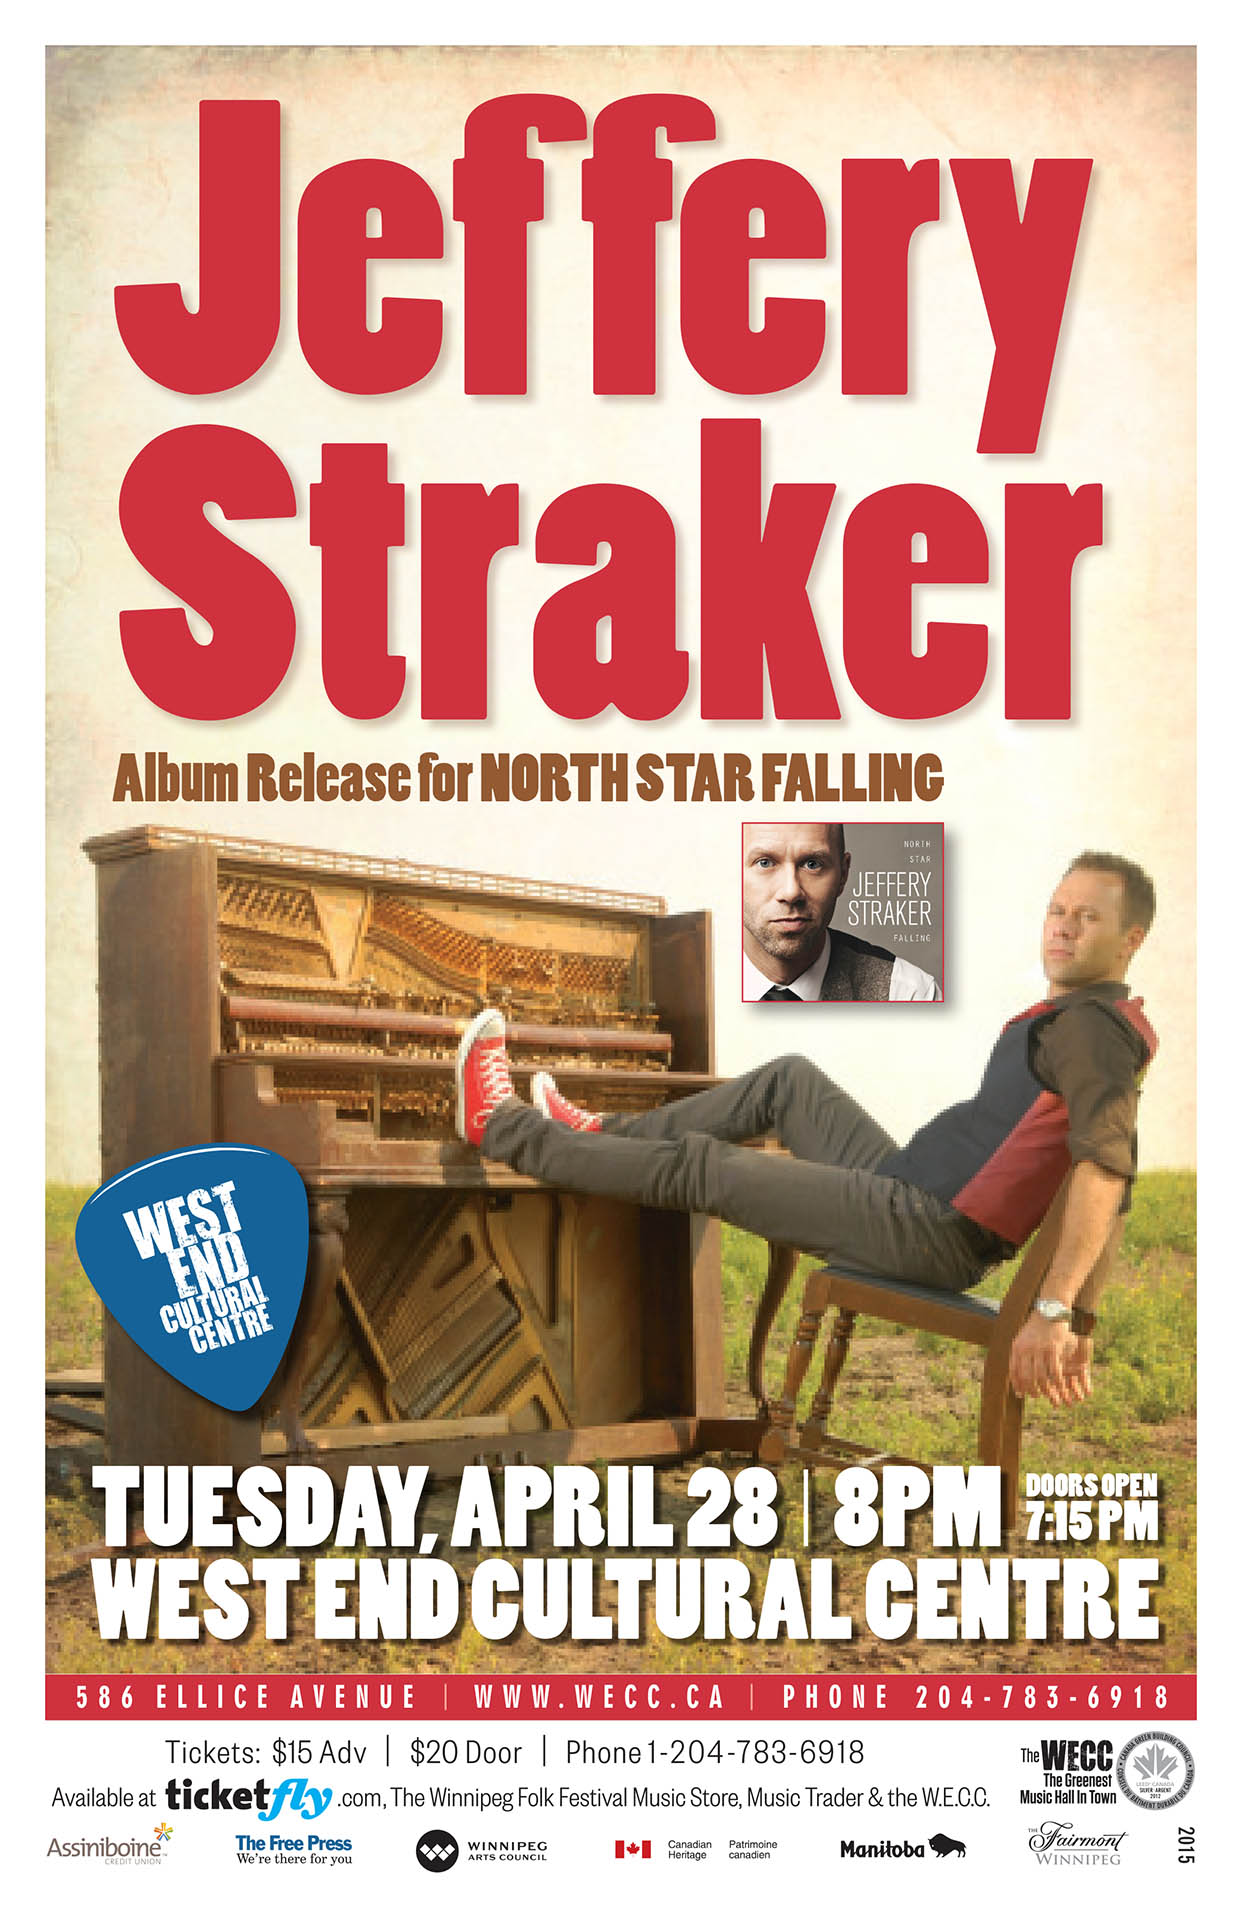 Jeffery Straker – 2015